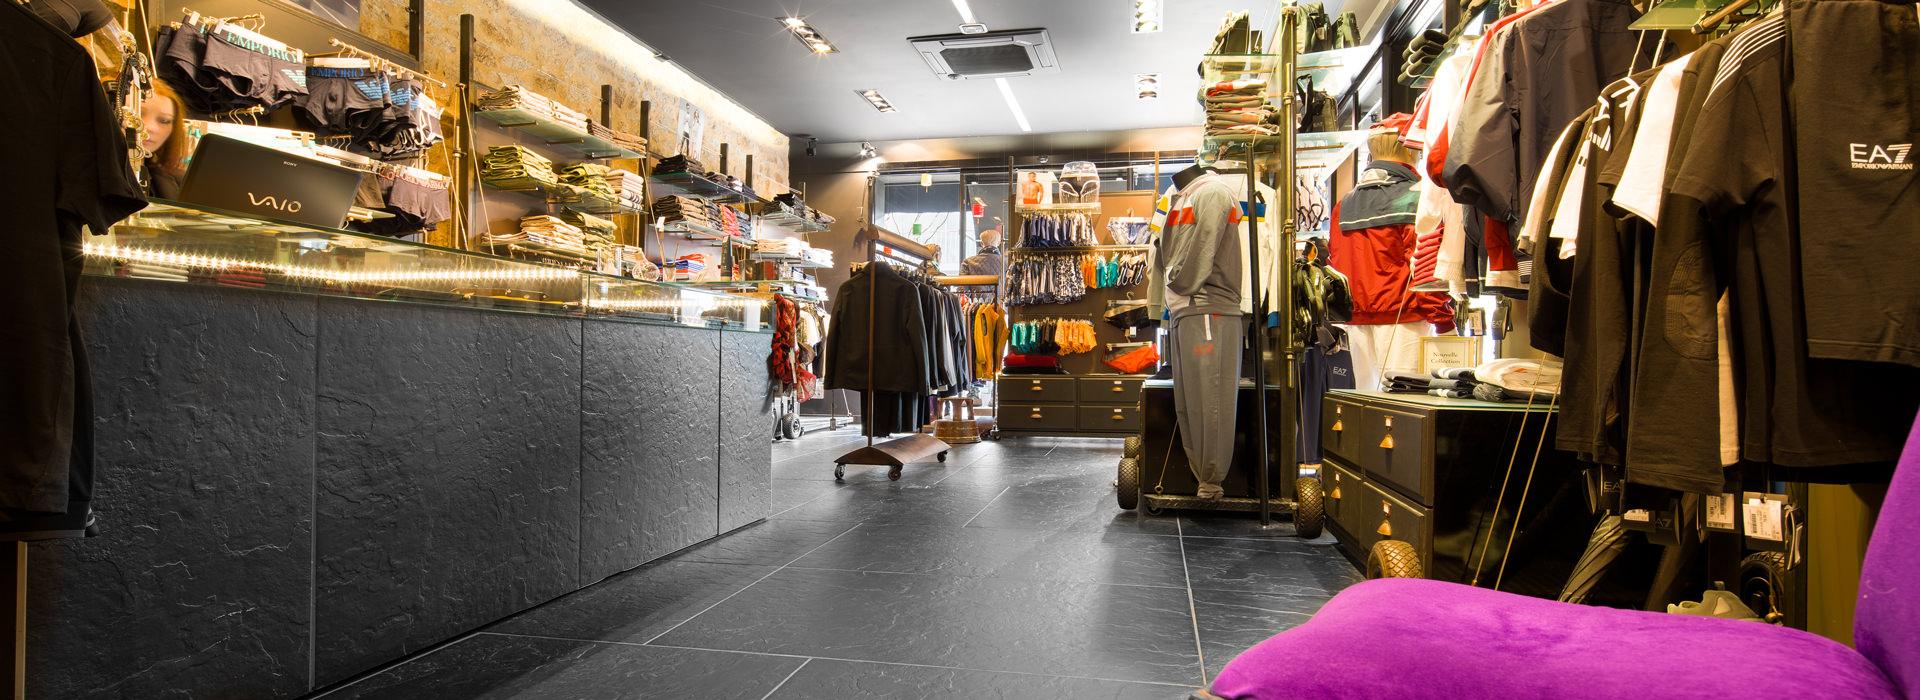 photographe-architecture-boutique-commerces-loire-atlantique